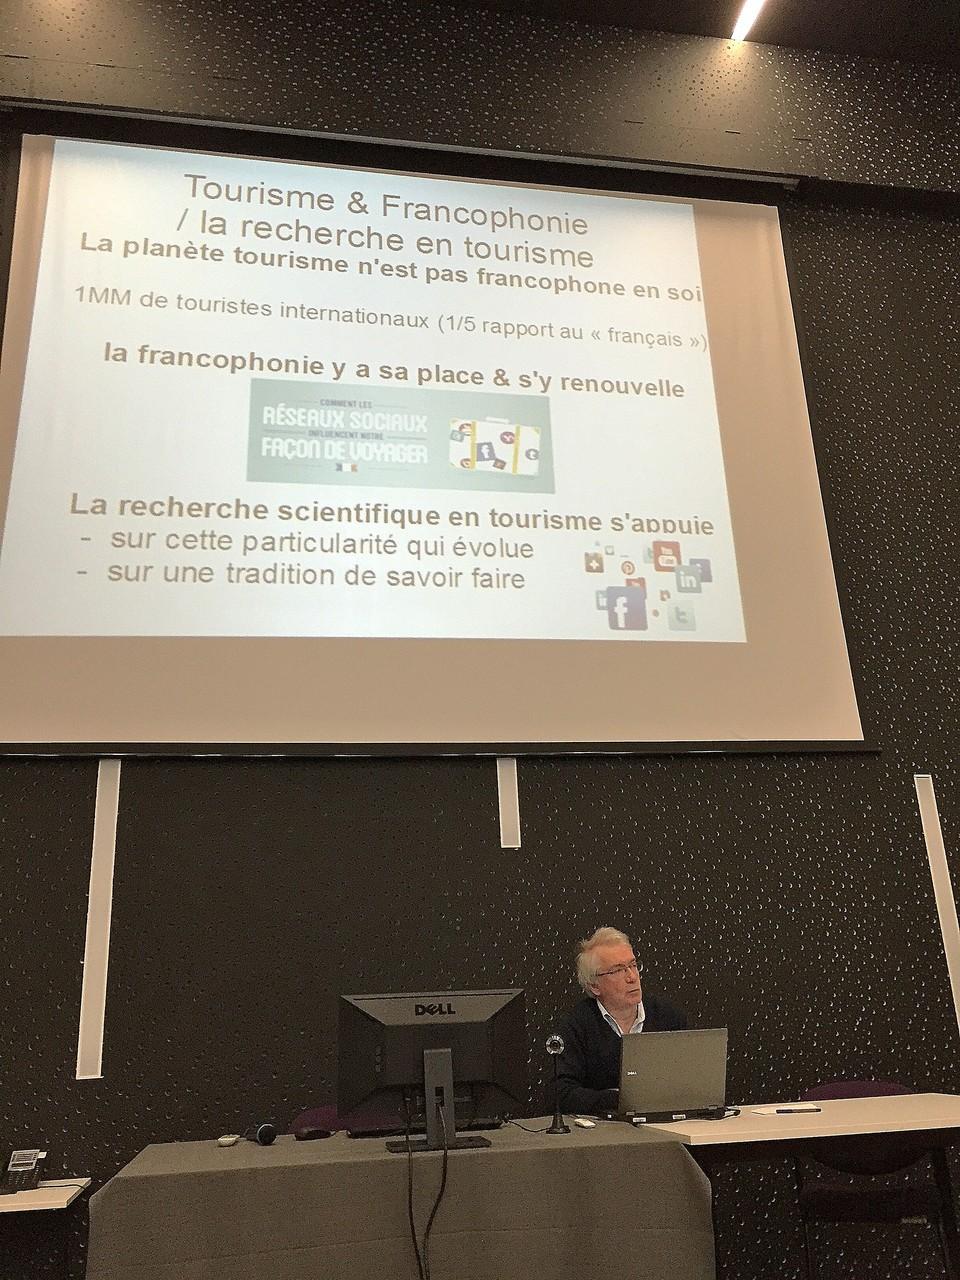 Mr Phillipe Bachimon : Professeur de géographie du tourisme à l'Université d'Avignon et des Pays de Vaucluse, chercheur au Laboratoire ESPACE-DEV